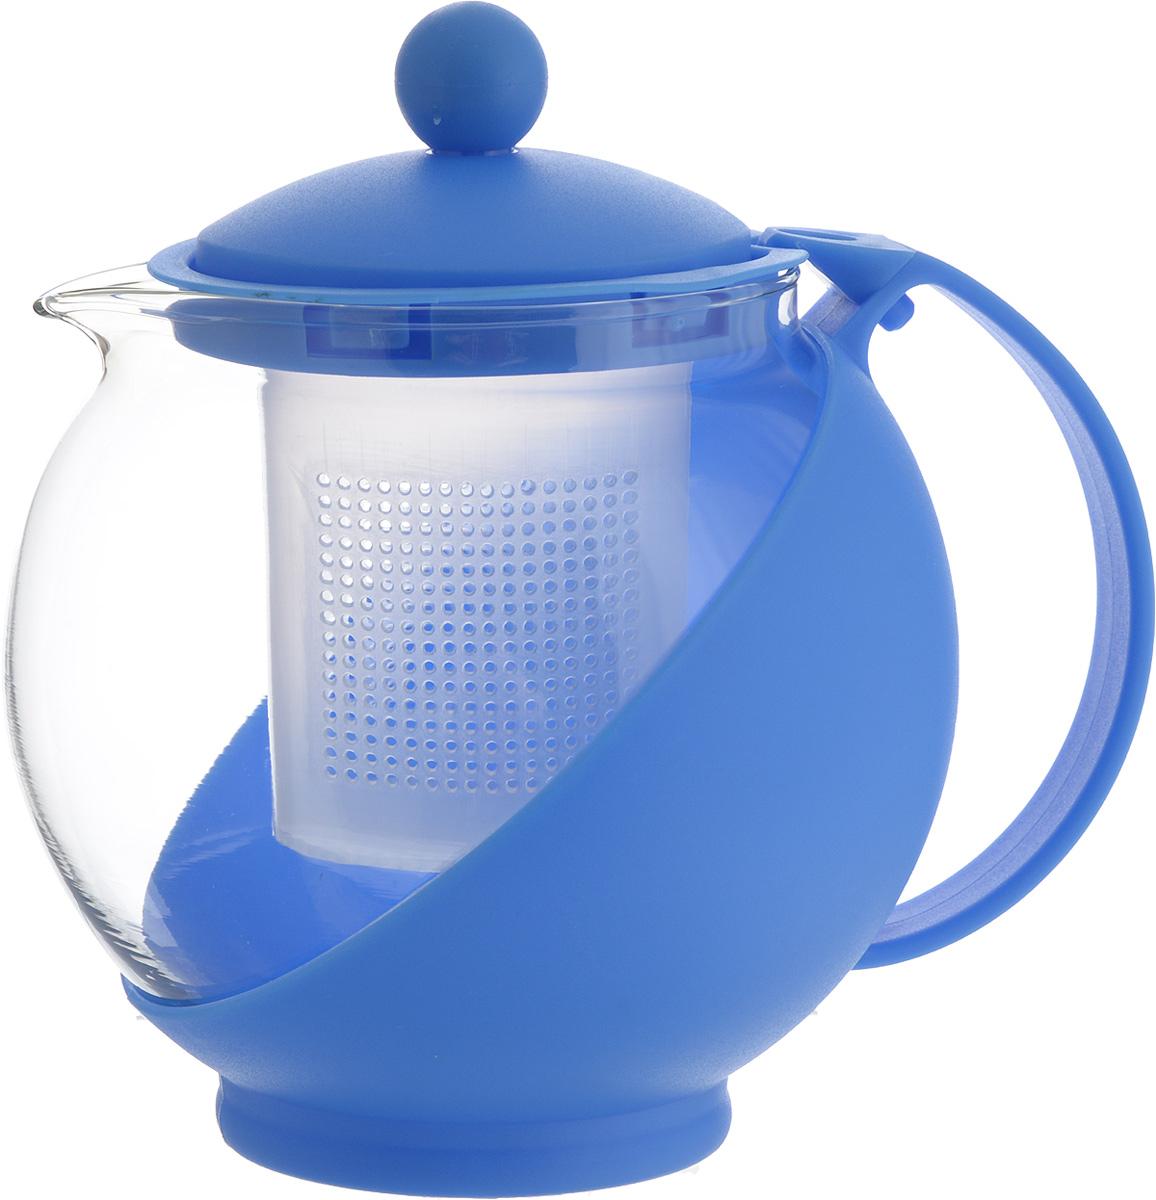 Чайник заварочный Wellberg Aqual, с фильтром, цвет: прозрачный, синий, 750 мл325 WB_синийЗаварочный чайник Wellberg Aqual изготовлен из высококачественного пластика и жаропрочного стекла. Чайник имеет пластиковый фильтр и оснащен удобной ручкой. Он прекрасно подойдет для заваривания чая и травяных напитков. Такой заварочный чайник займет достойное место на вашей кухне.Высота чайника (без учета крышки): 11,5 см.Высота чайника (с учетом крышки): 14 см. Диаметр (по верхнему краю) 7 см.